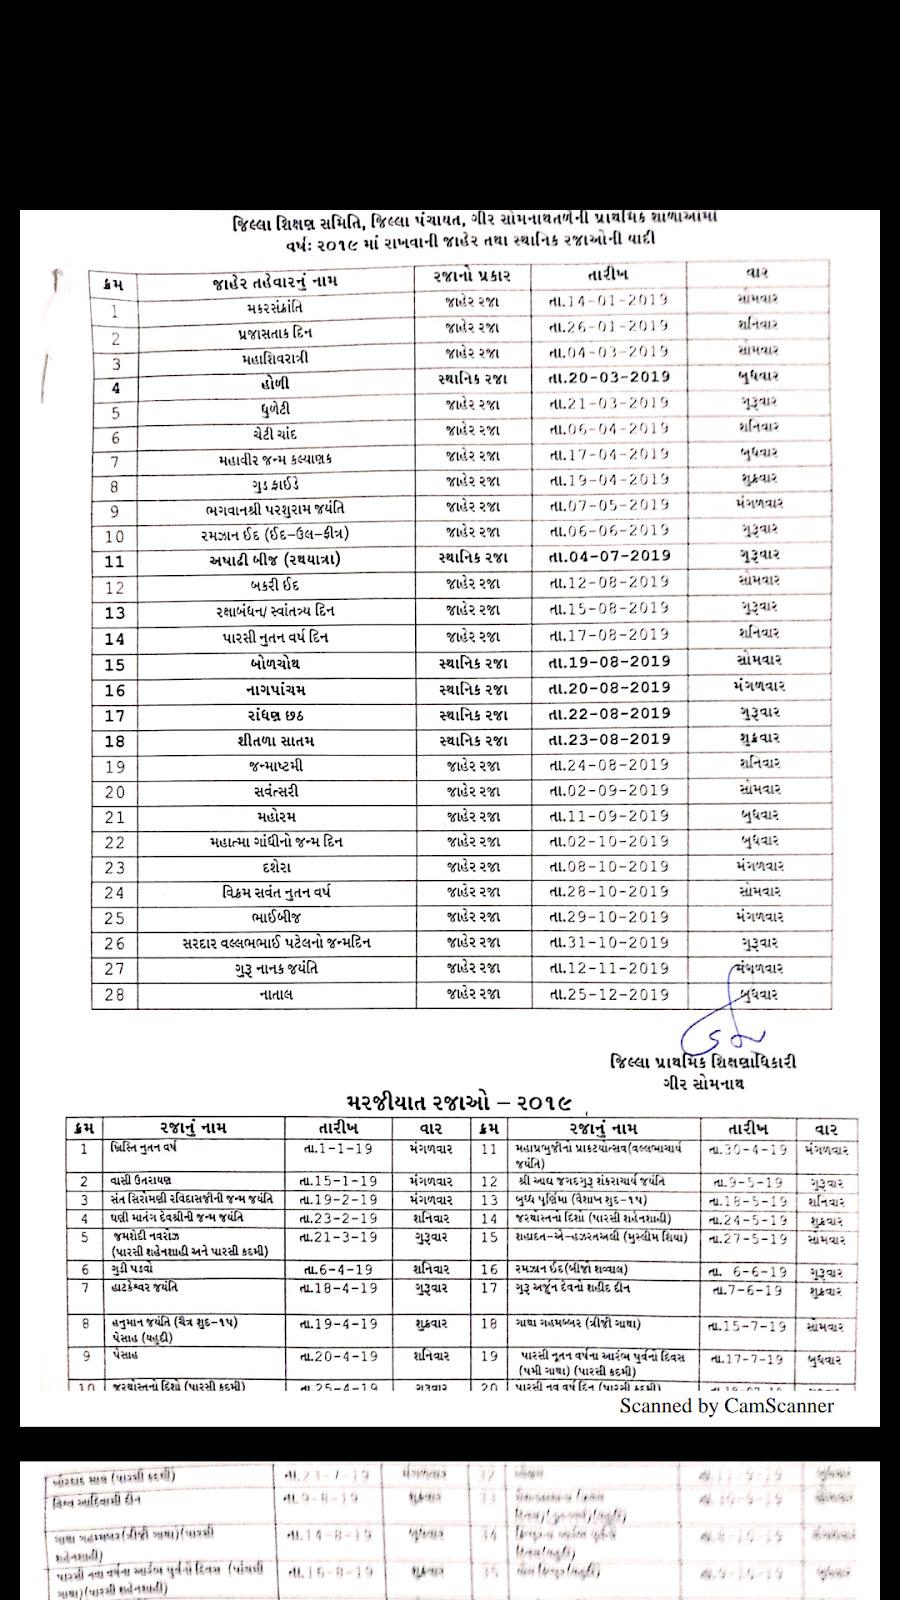 GIR SOMNATH JAHER RAJA LIST 2019